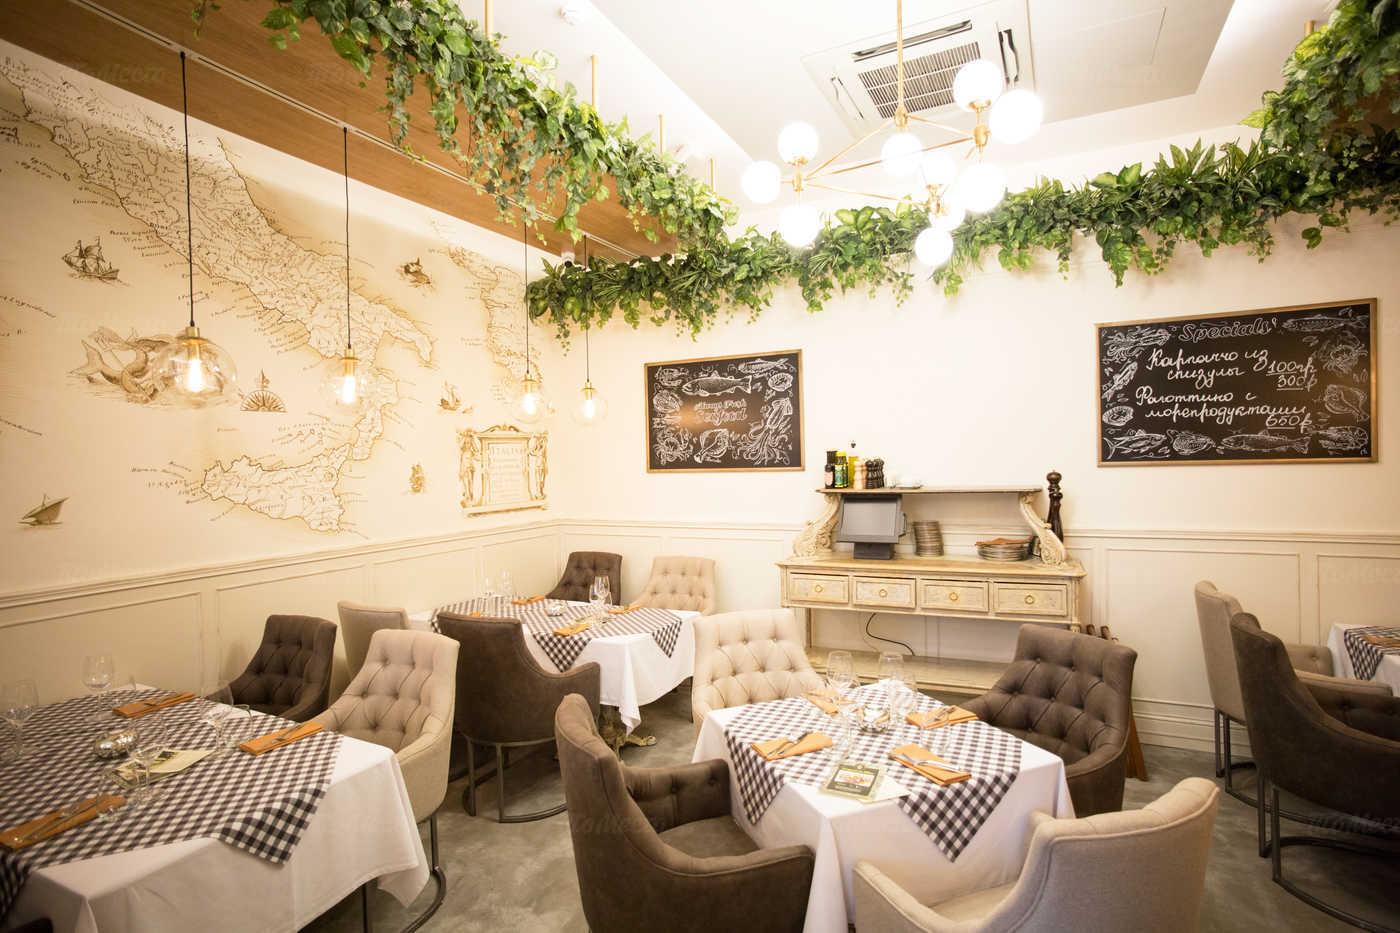 Ресторан Итальянец на Самотечной улице